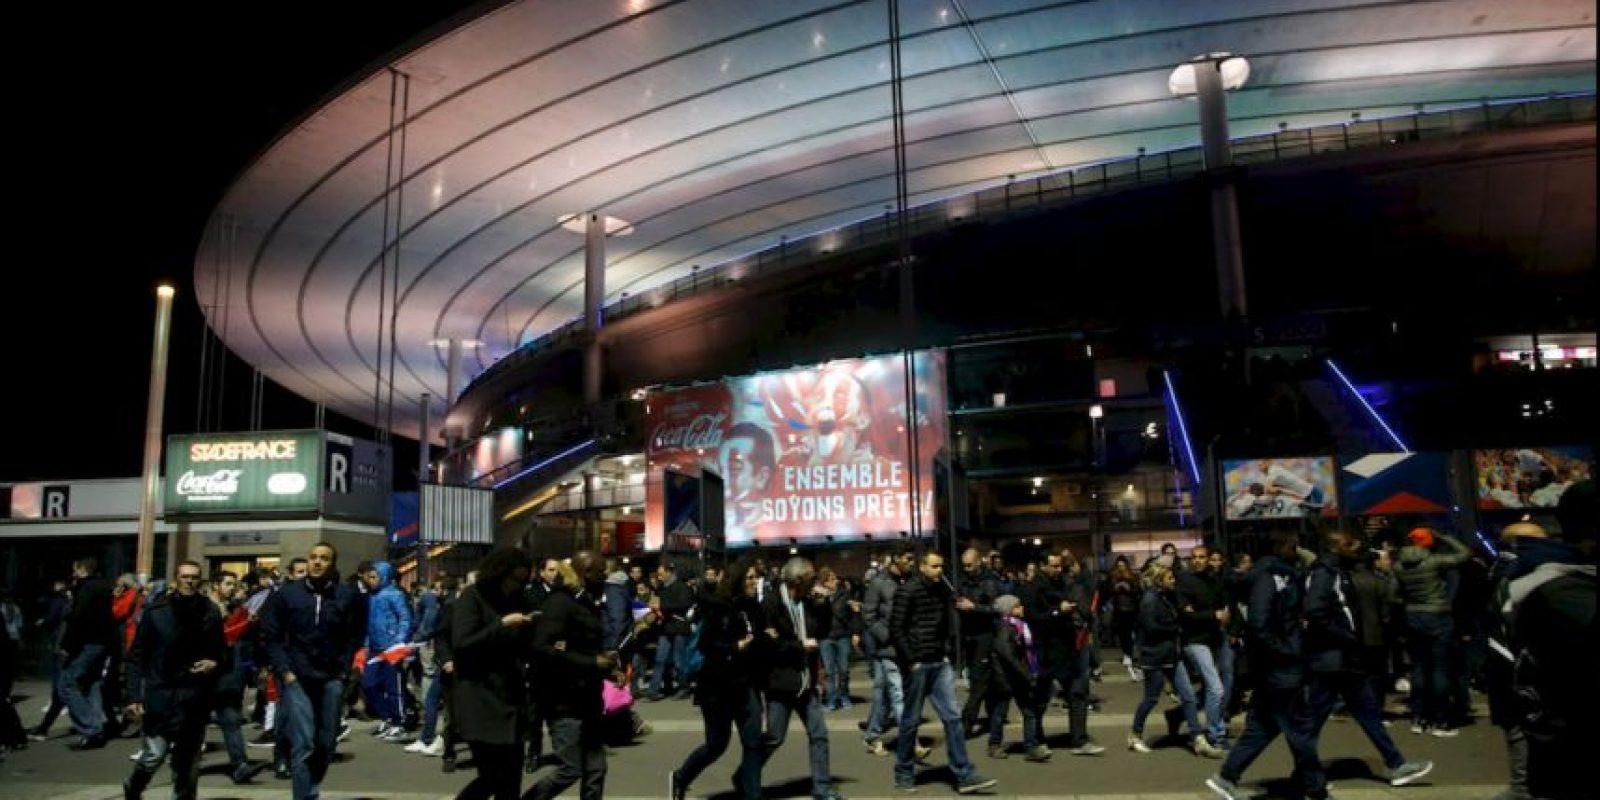 El presidente Hollande fue evacuado del estadio. Foto:AP